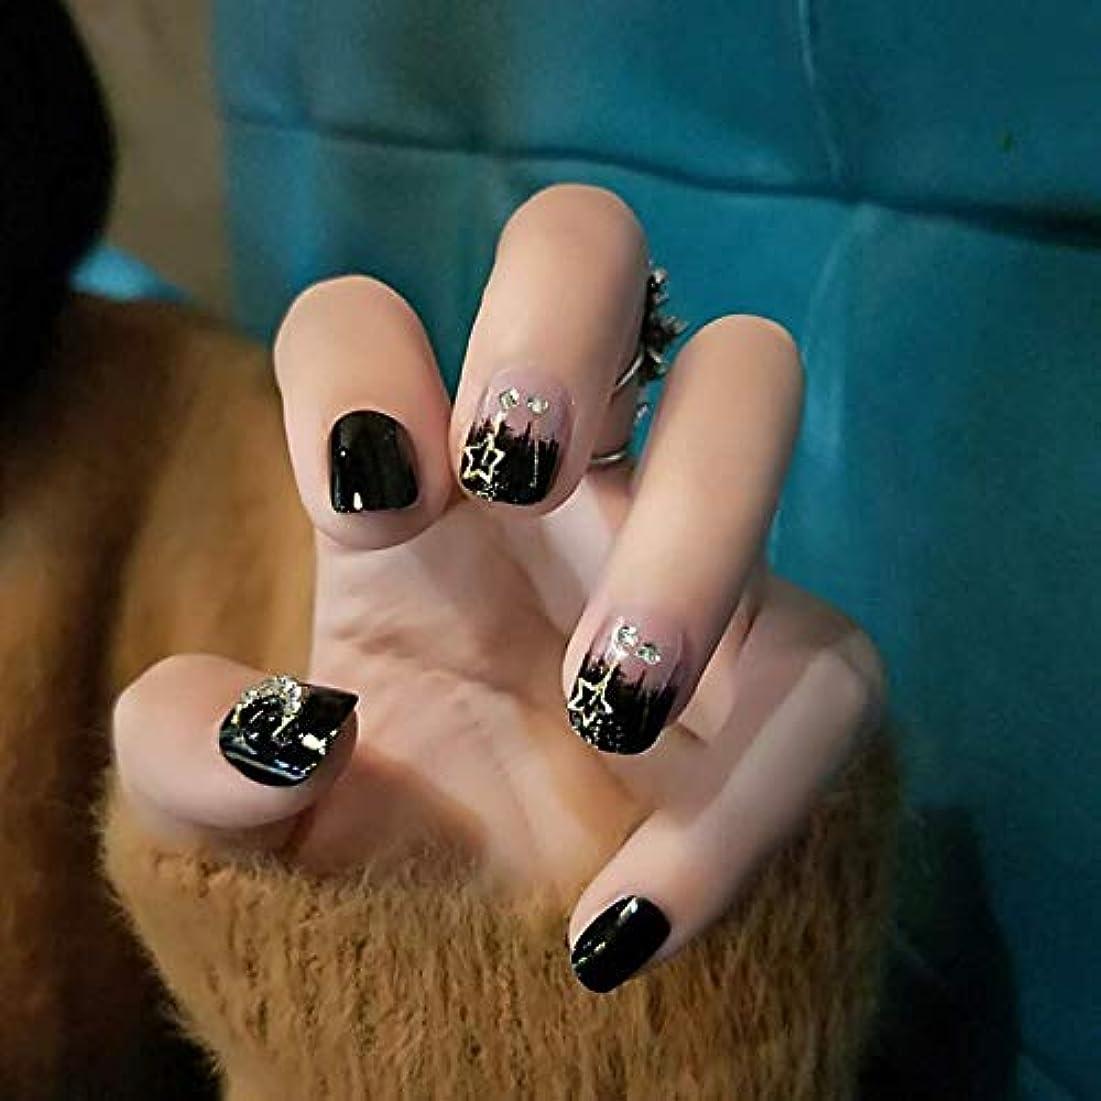 相反する花婿亜熱帯HALEY HOME ネイルチップ つけ爪 付け爪 つけ方簡単 ネイル デコネイルコレクション シール ハロウィン 母の日 パーティ 人気 毎日変身 24枚セット